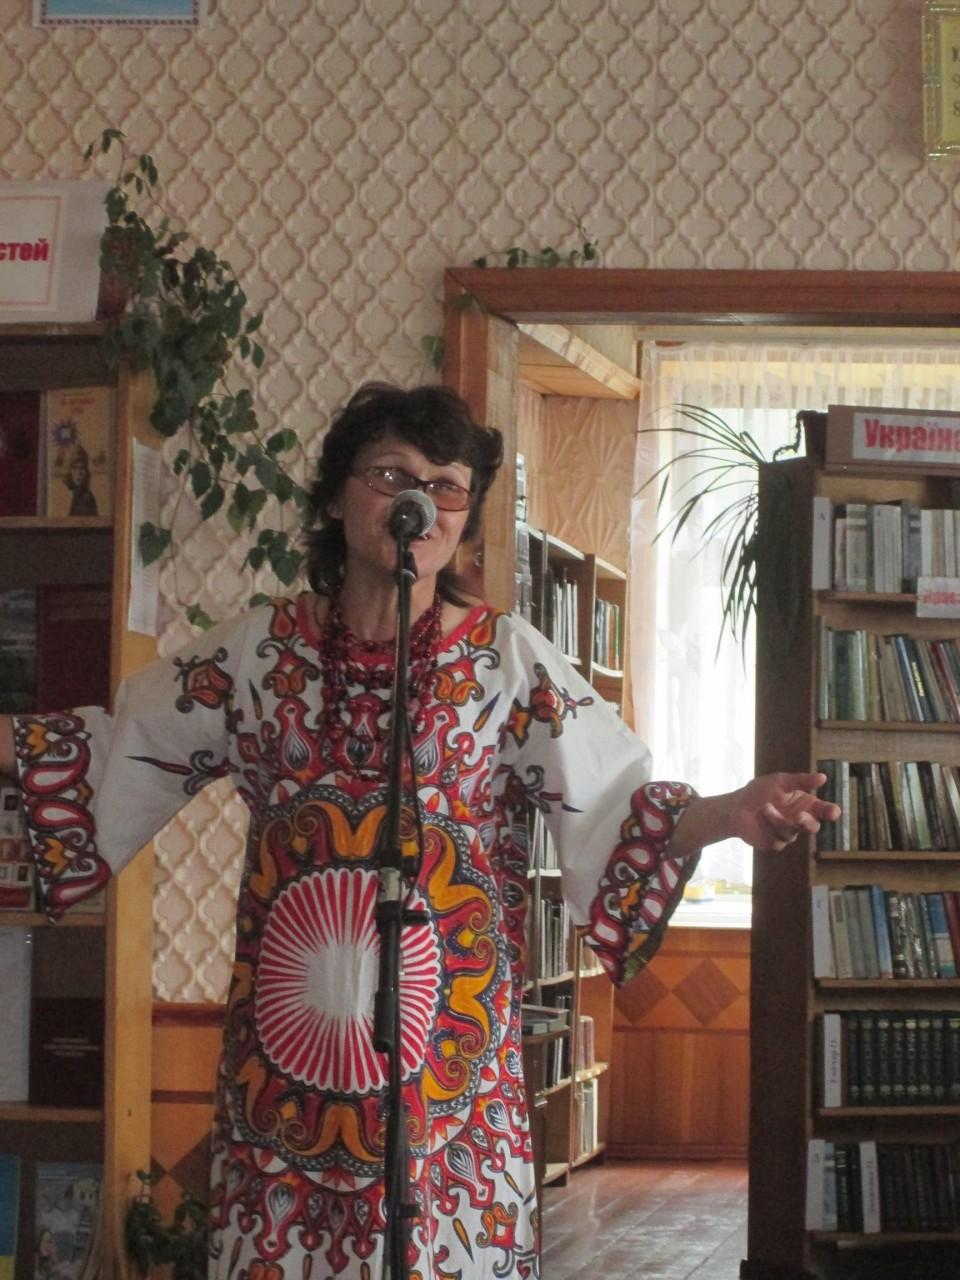 ШУРМАН сп¦ва¦ 16 трав 2014 СВЕСНА